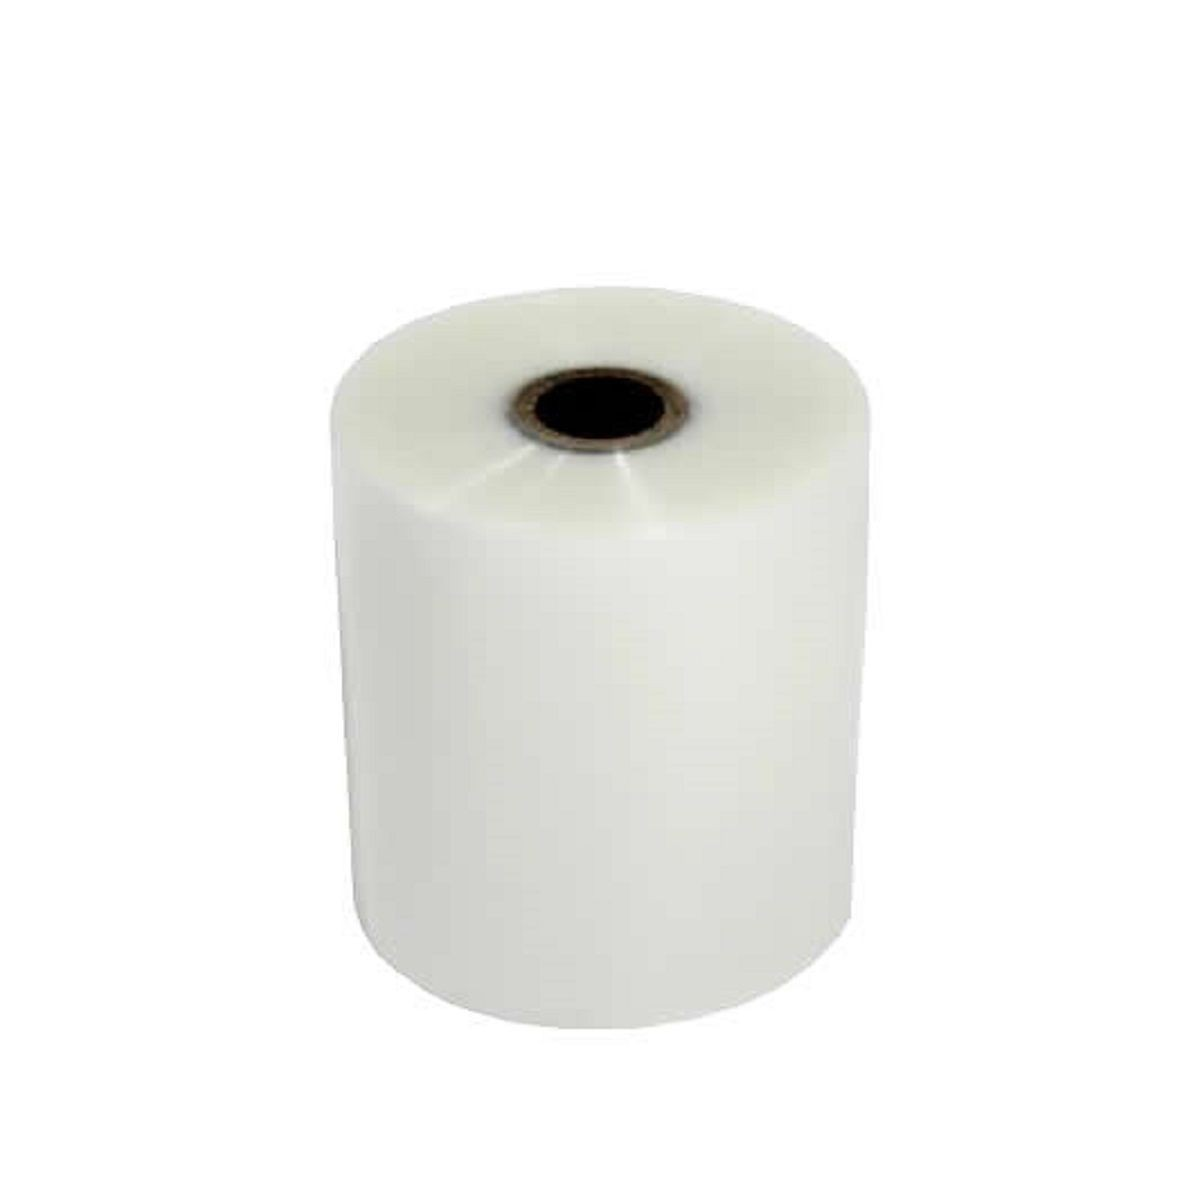 Kit Plastificadora Rotativa RG R180 + 2 Bobinas 11,5cm  - Click Suprimentos